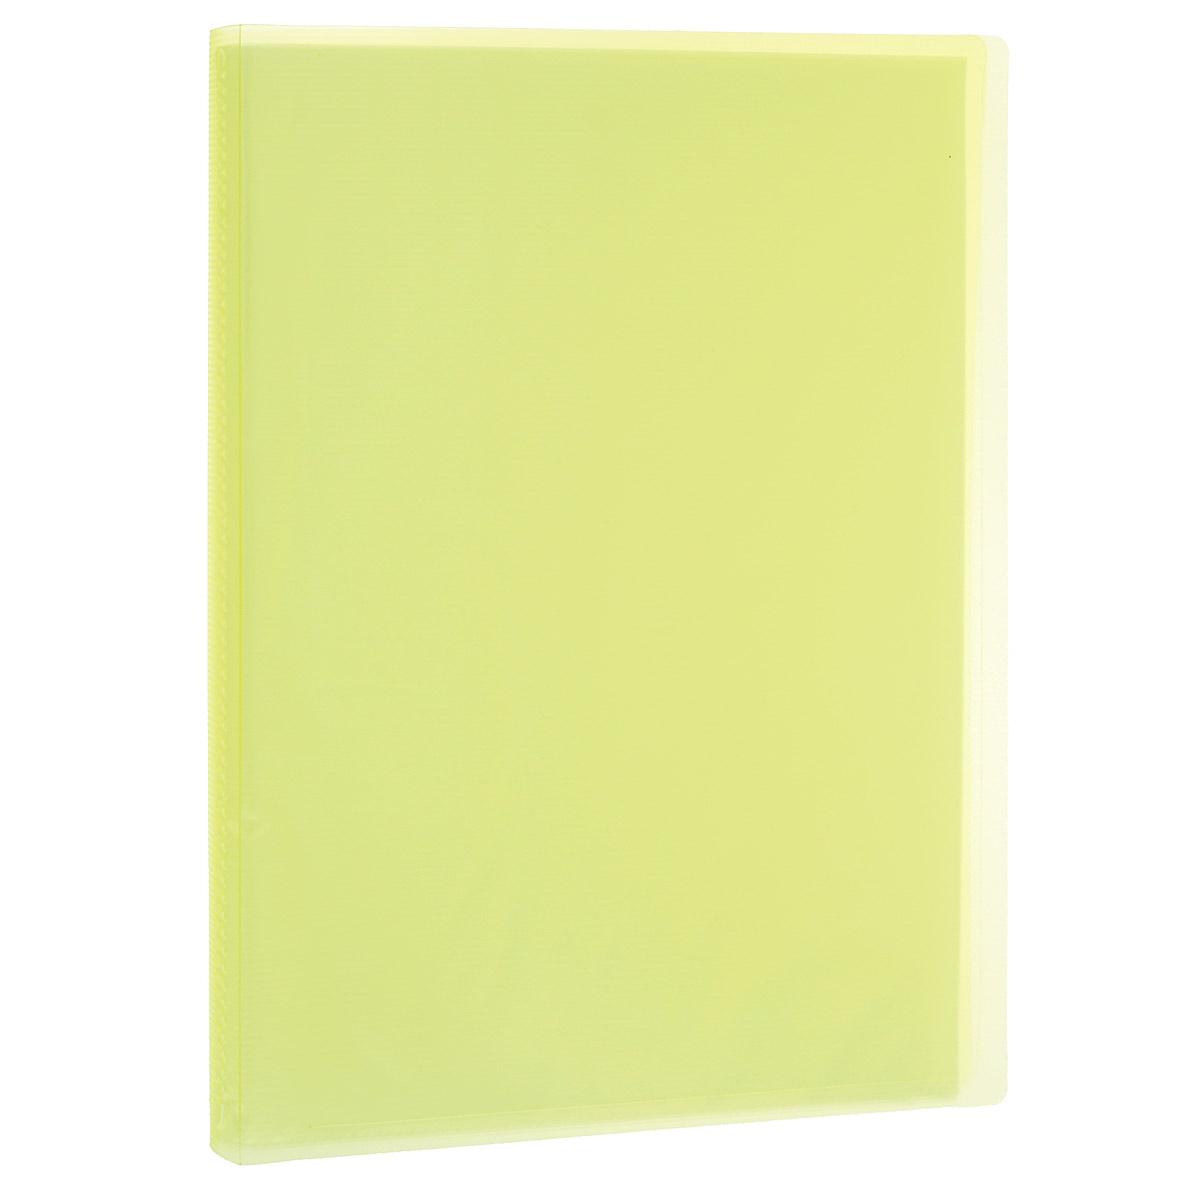 Папка с файлами Erich Krause Visioline, 20 листов, цвет: желтый31025_желтыйПапка Erich Krause Visioline с 20 прозрачными файлами-вкладышами идеально подходит для хранения рабочих бумаг и документов формата А4 без перфорации, требующих упорядоченности и наглядного обзора: отчетов, презентаций, коммерческих и персональных портфолио. Папка выполнена из полупрозрачного жесткого пластика с гофрированной поверхностью желтого цвета. Благодаря совершенной технологии производства папка не подвергается воздействию низкой температуры, не деформируется и не ломается при изгибе и транспортировке.